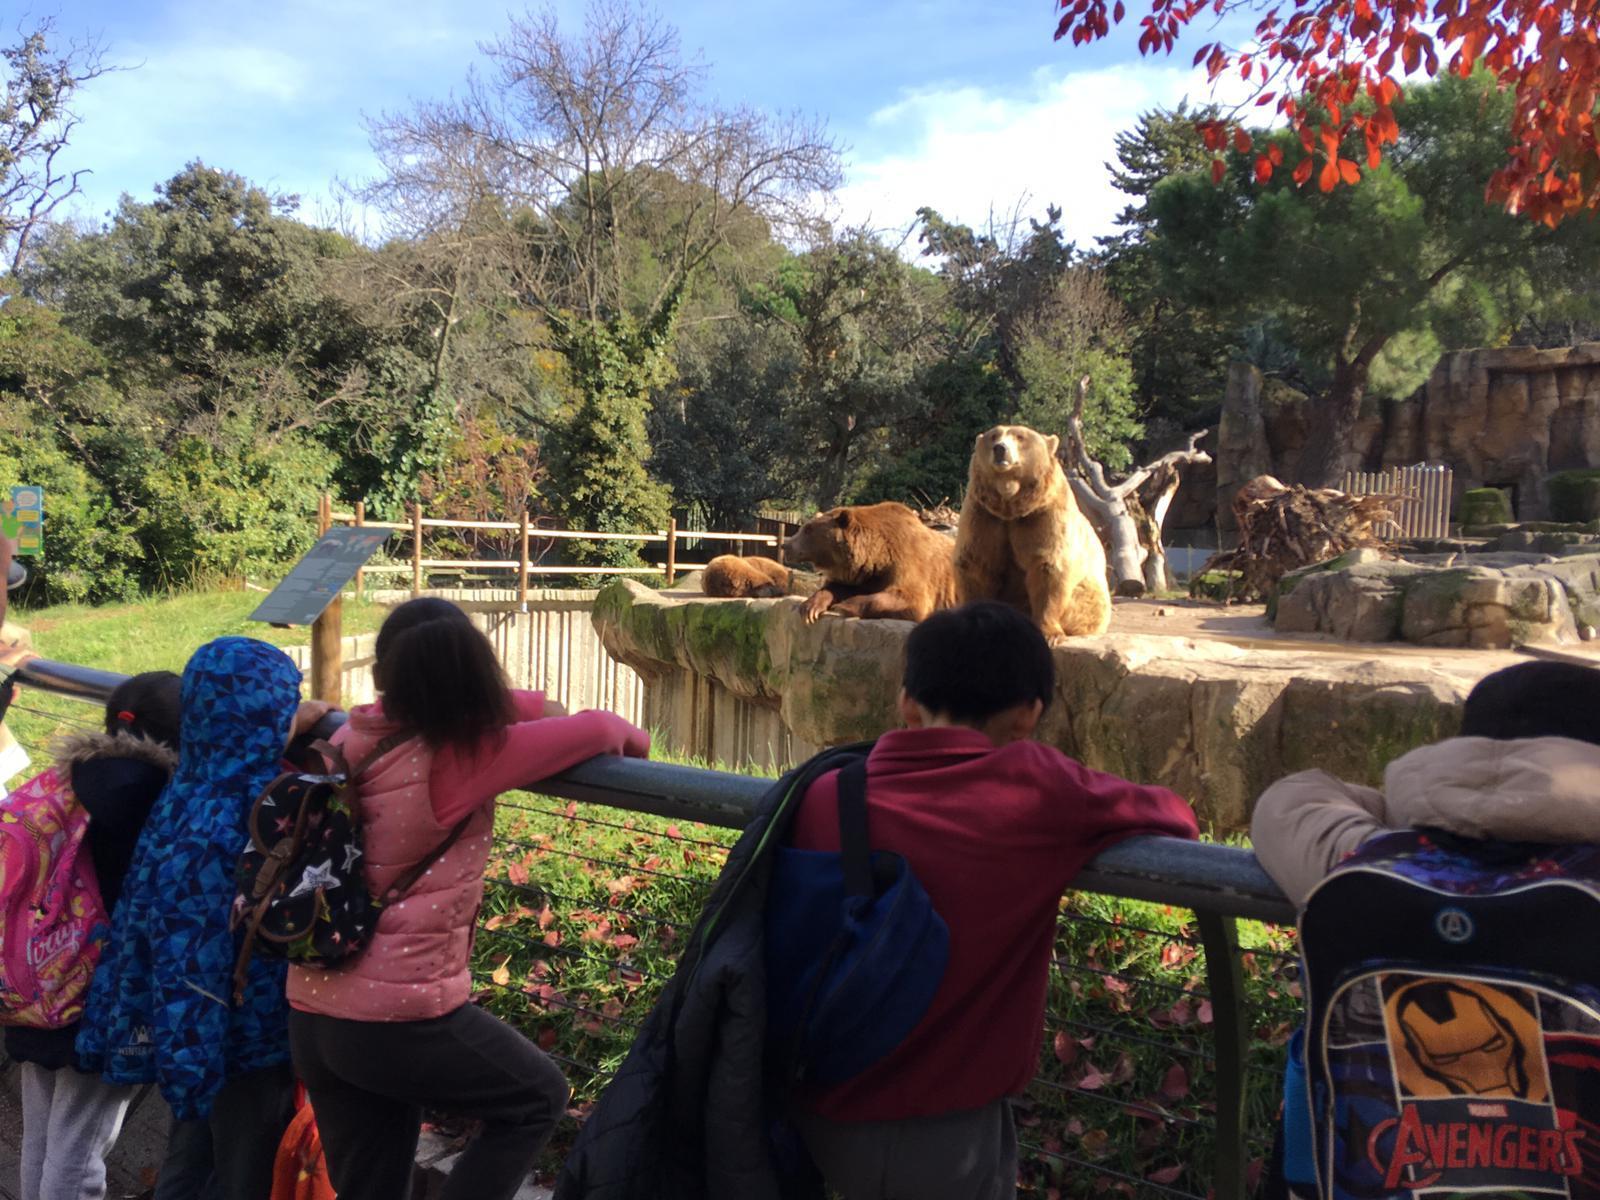 Excursión al zoo 5 años, 1º y 2º Luis Bello 23